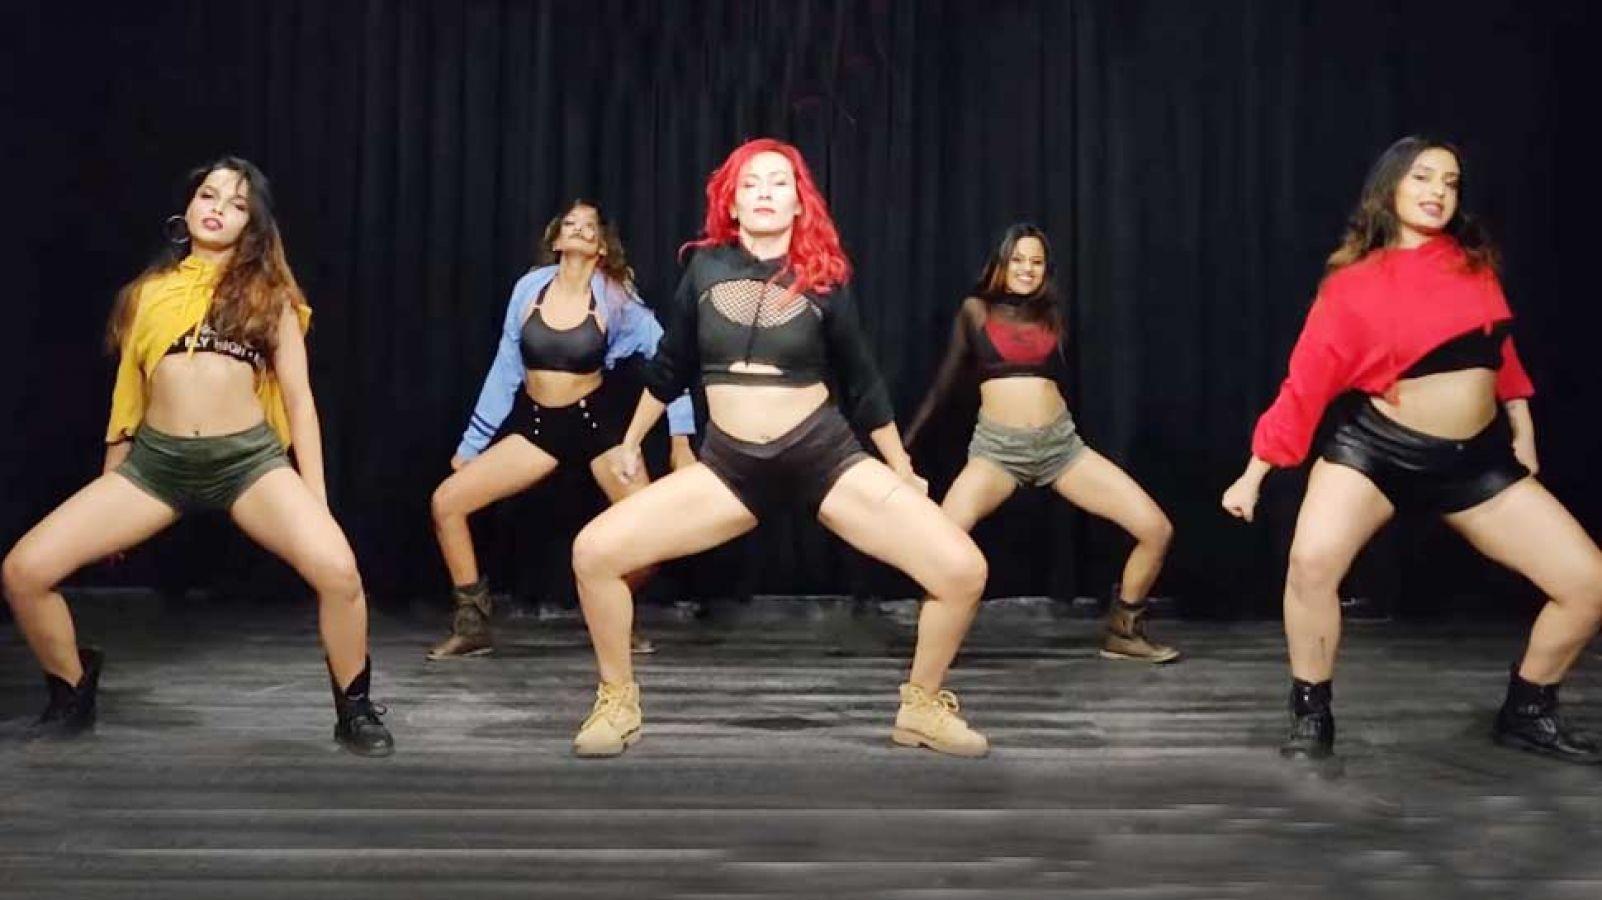 VIDEO : इन 5 लड़कियों ने सोशल मीडिया पर लगाई आग, 'गली गली' गाने से जीते लाखों दिल